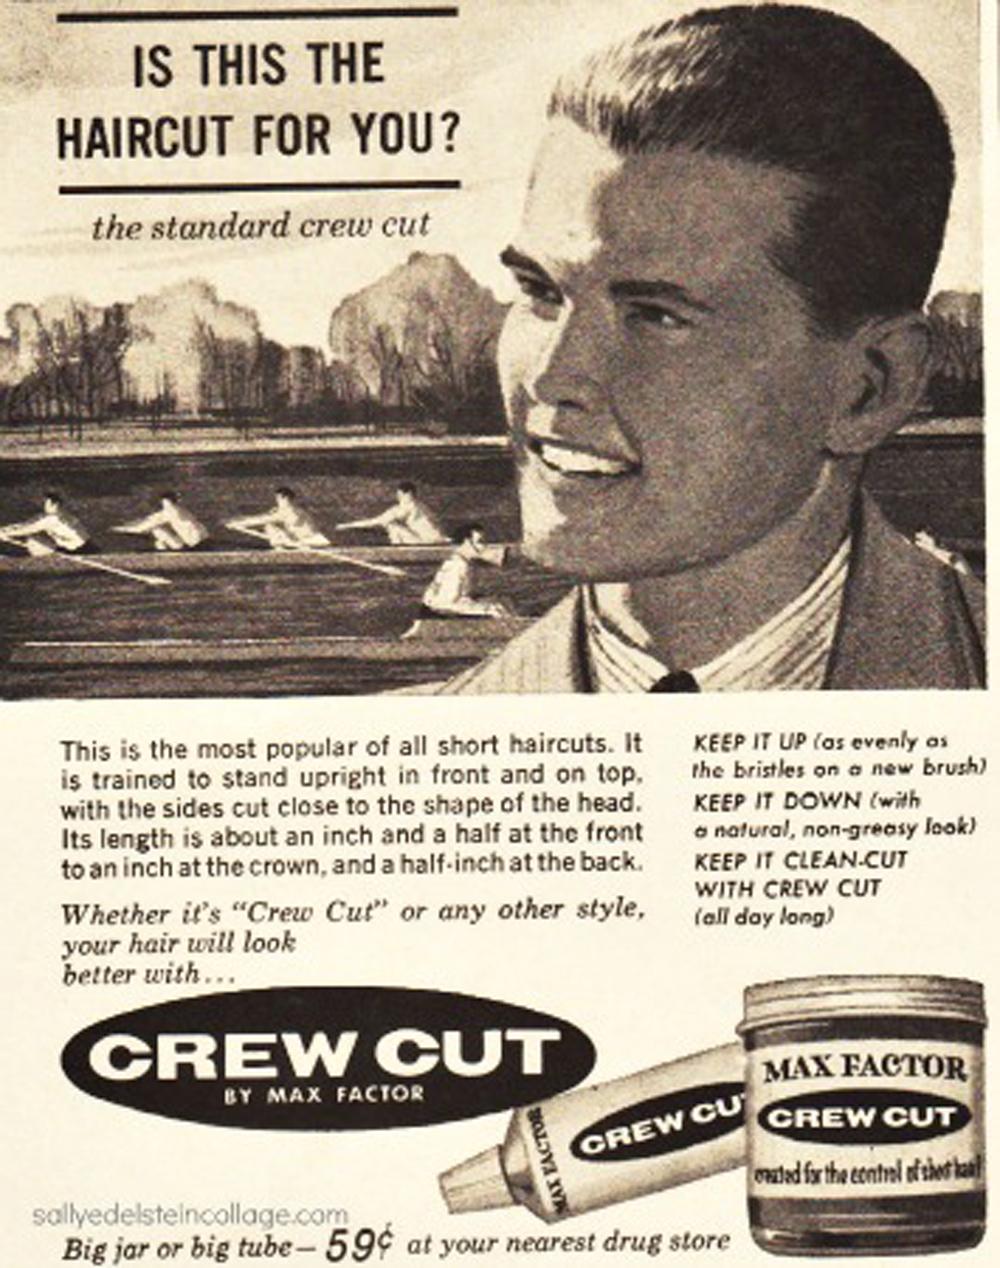 crew cut